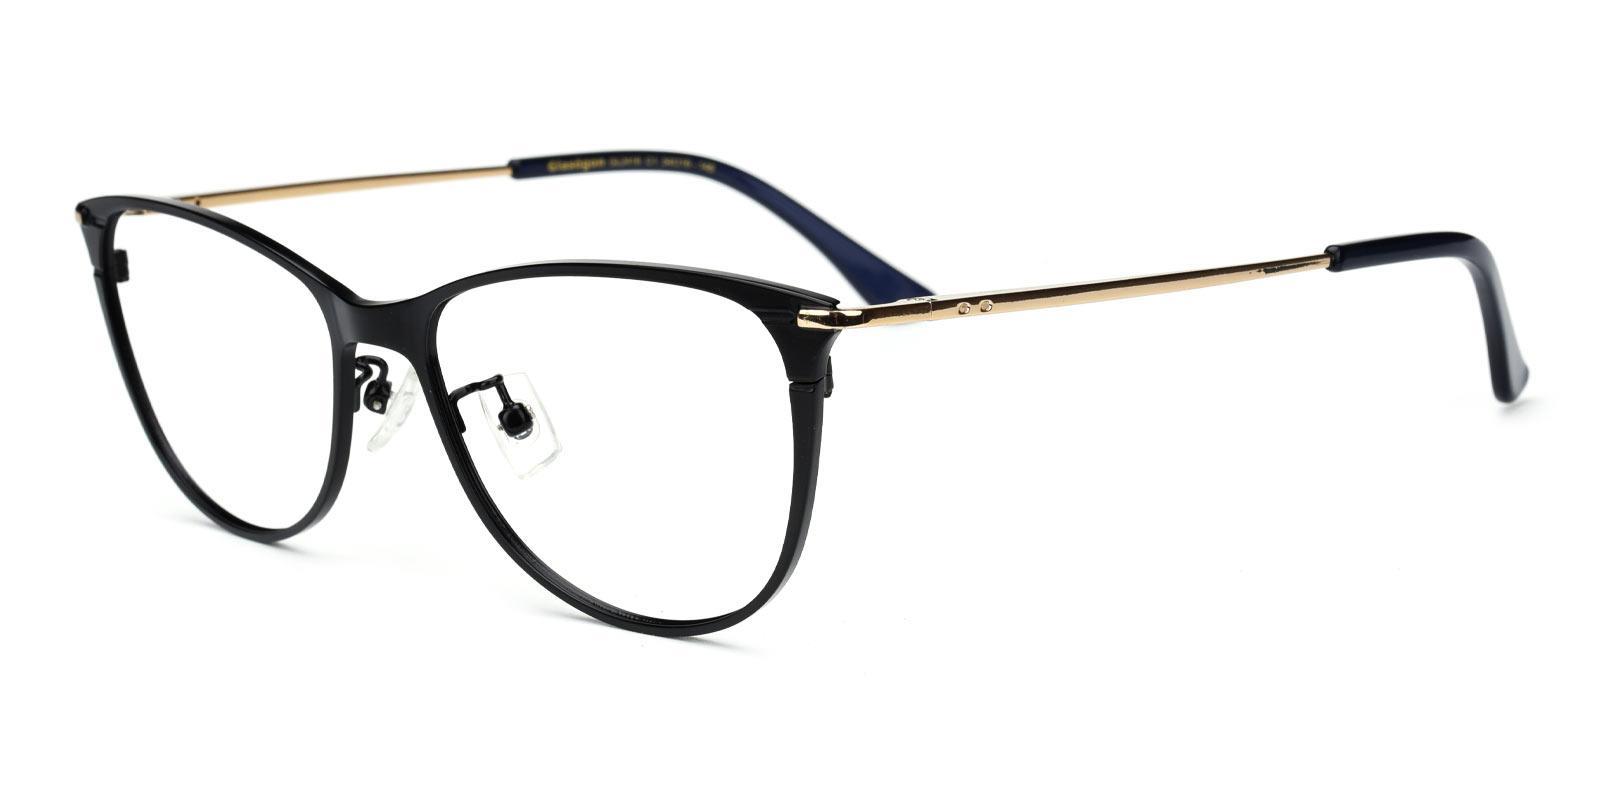 Carter-Black-Cat-Titanium-Eyeglasses-additional1